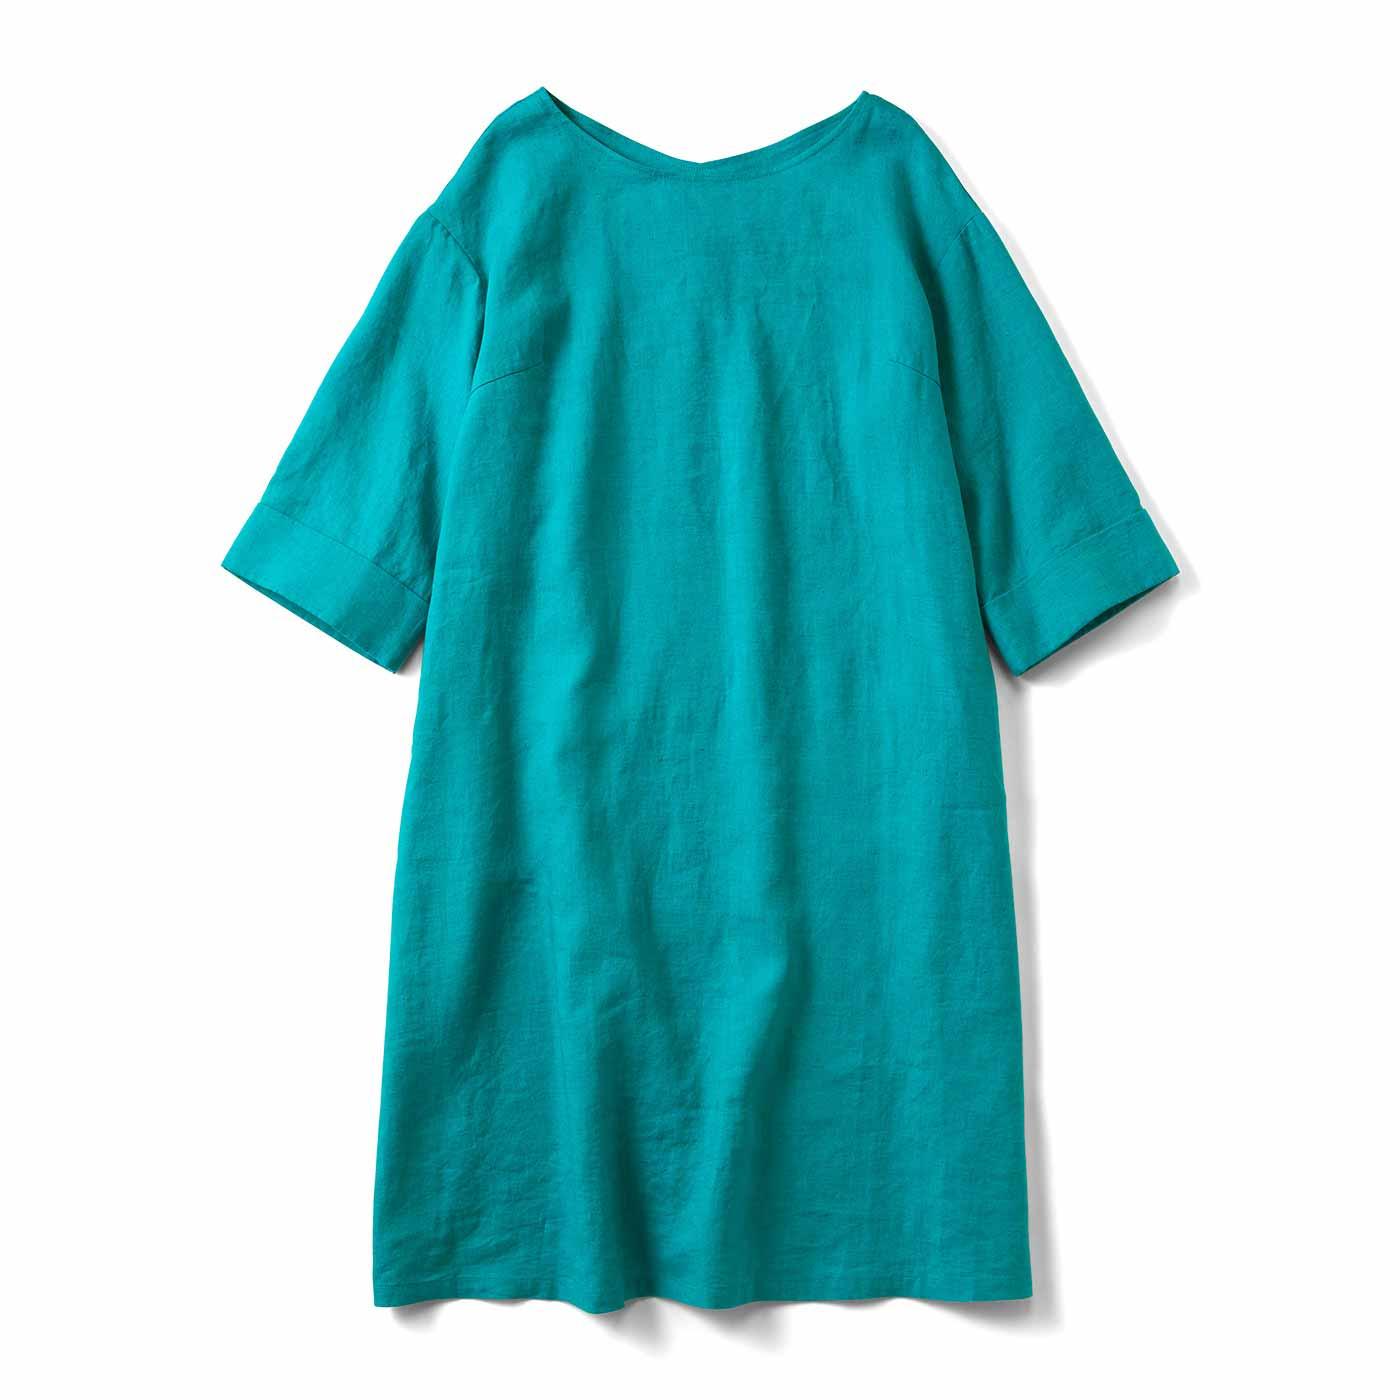 すぽっとかわいい 七分袖の麻混ワンピース〈浅葱〉